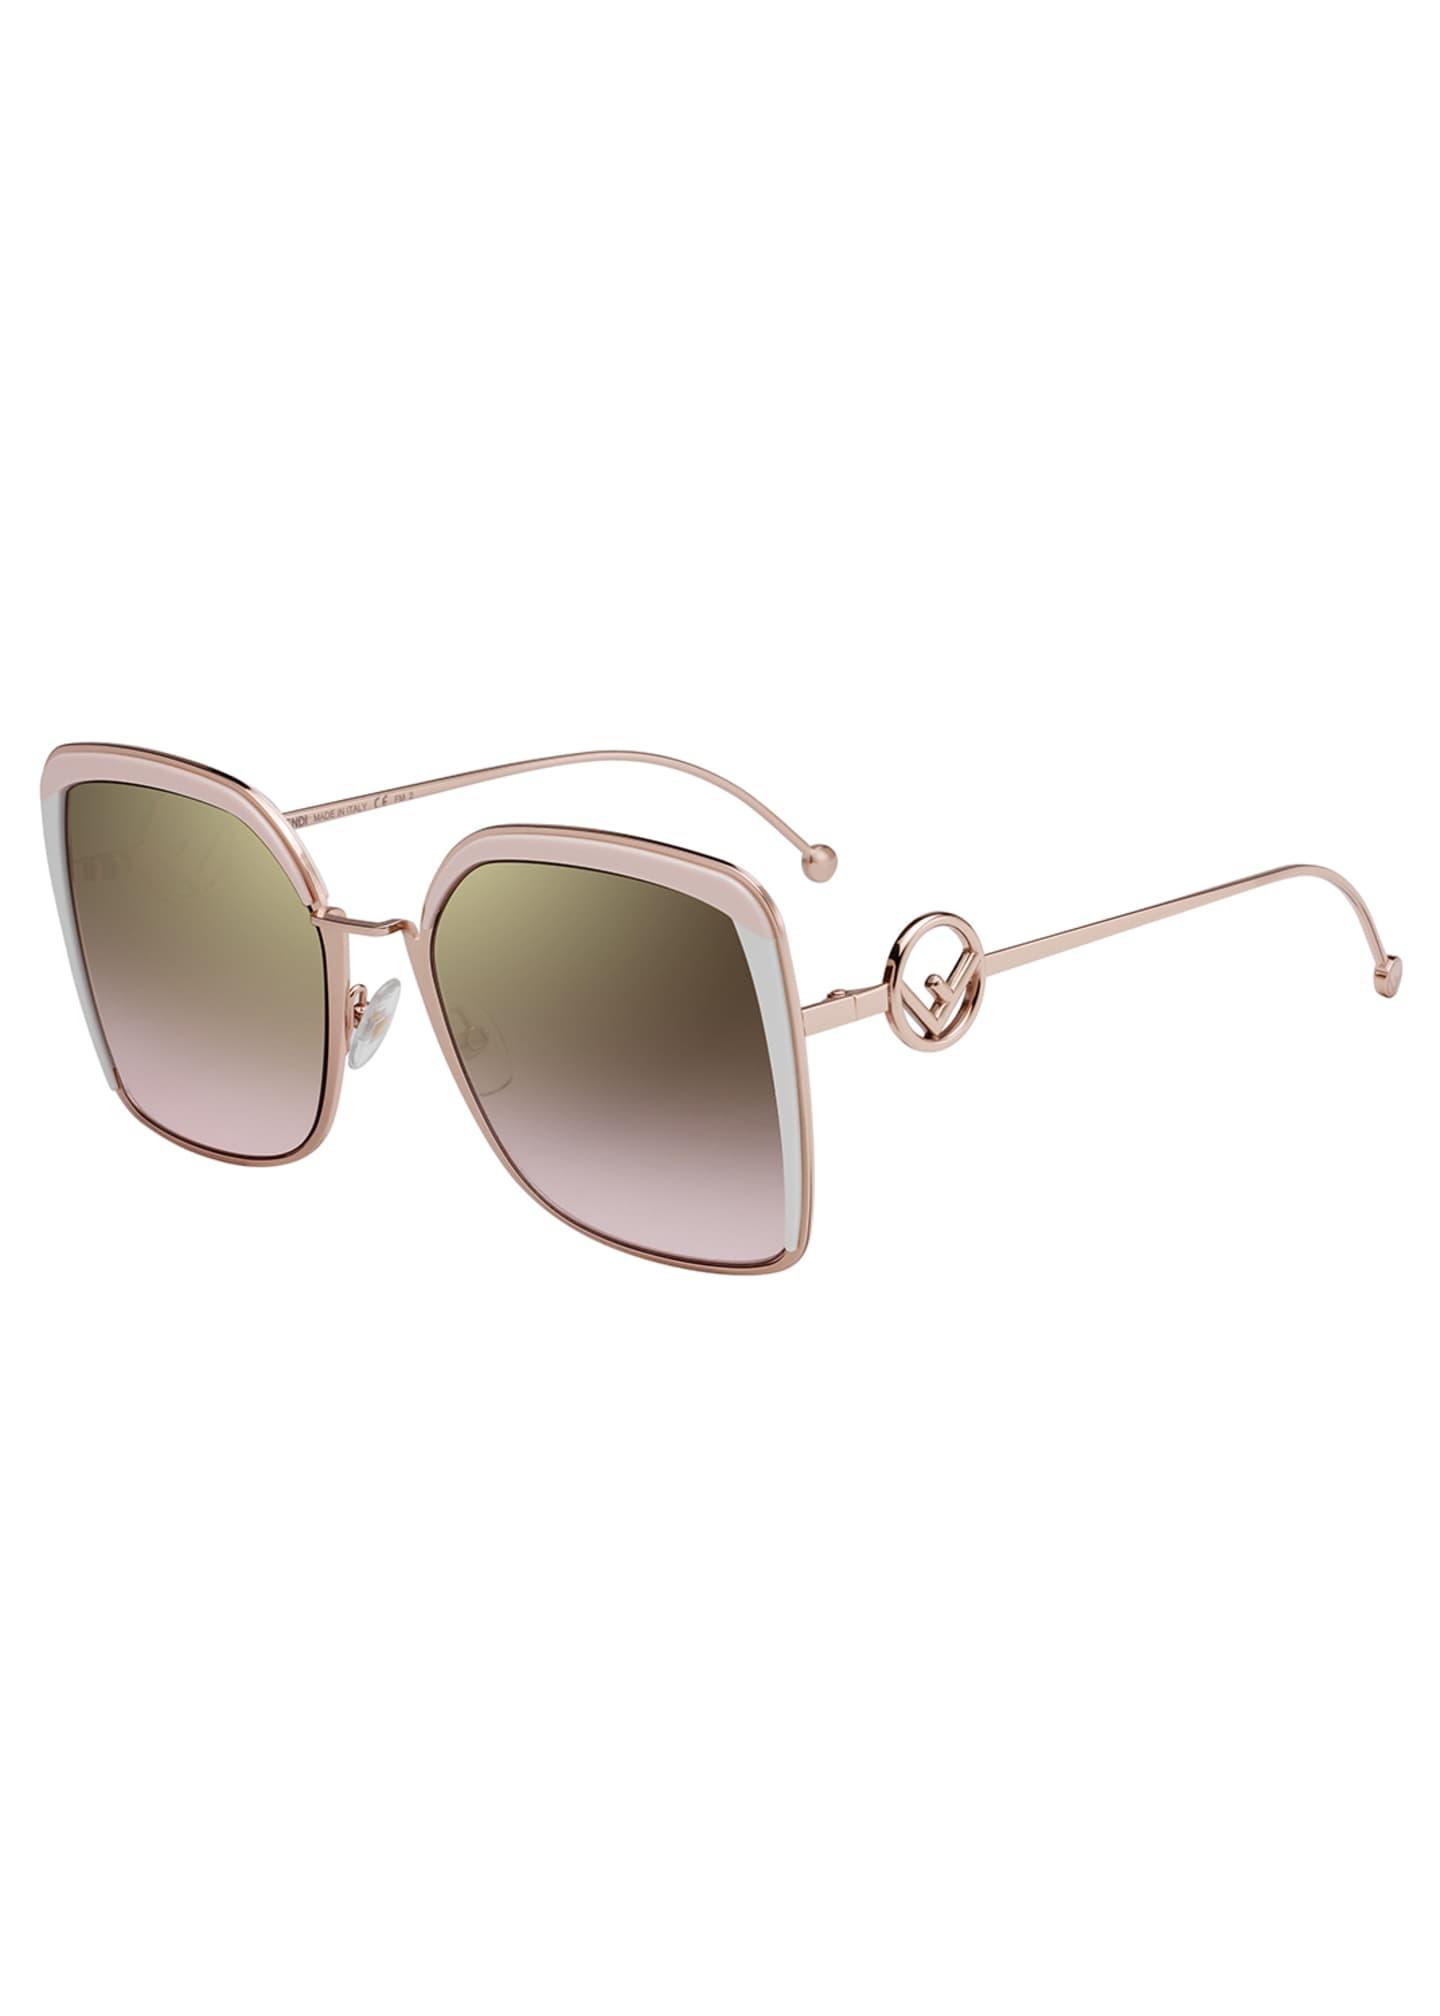 Fendi Metal Square Gradient Sunglasses